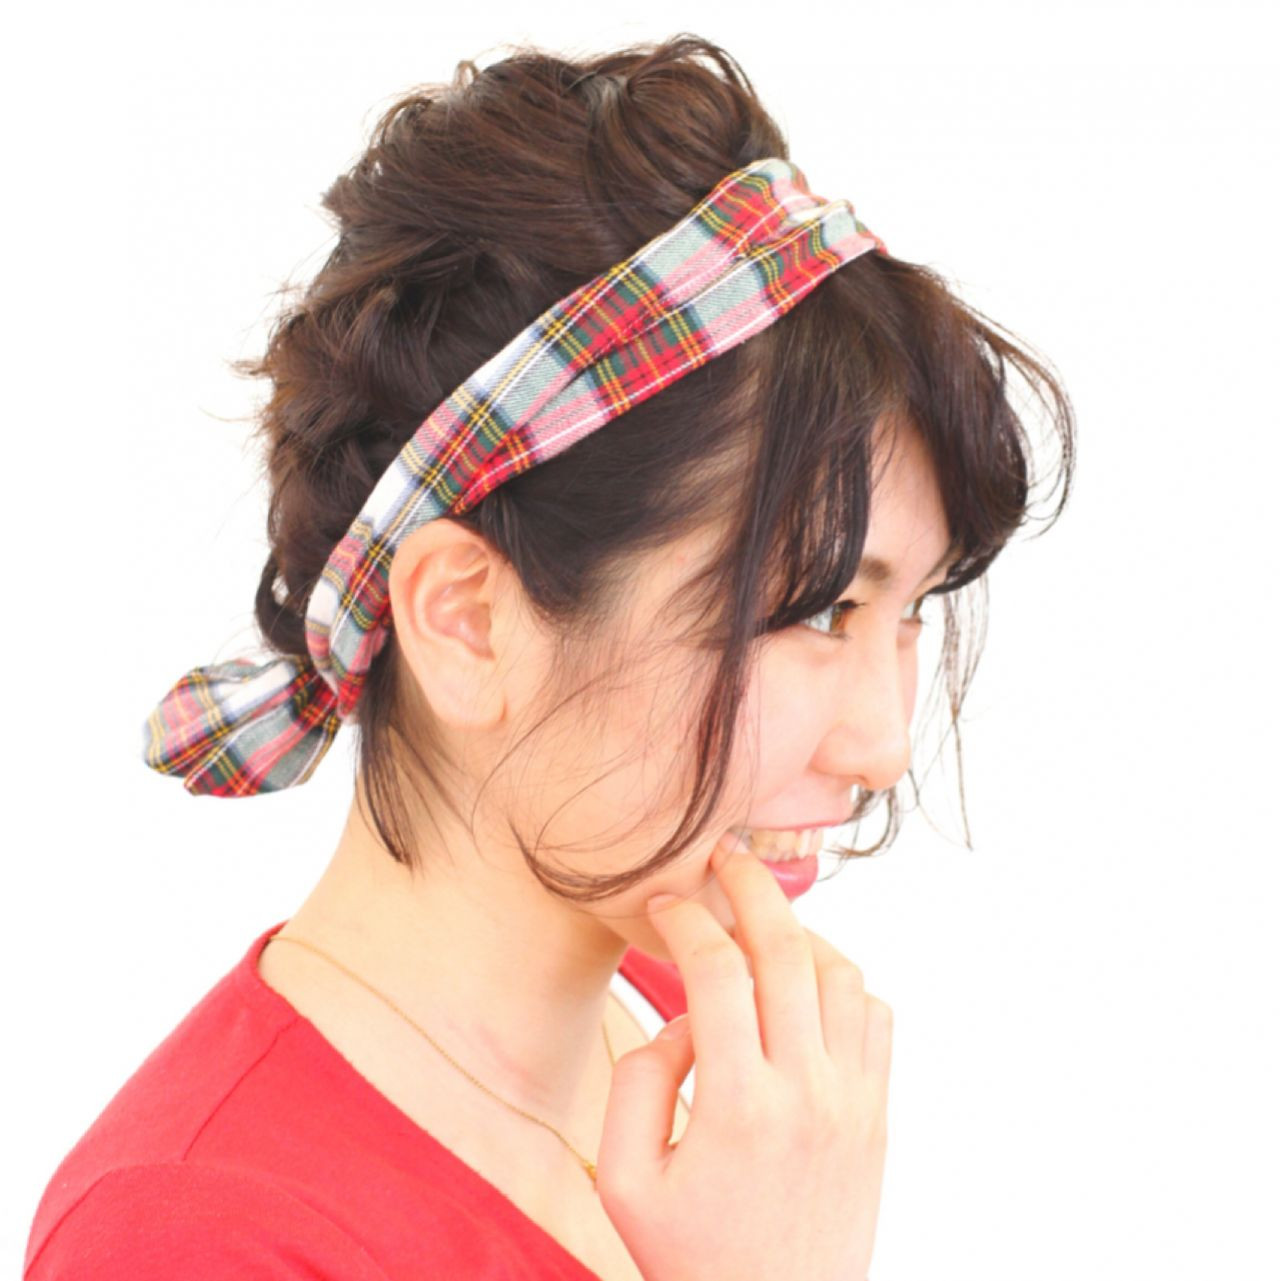 バンダナを使った髪型で可愛さUP♡とっておきアレンジ特集 古川 未来